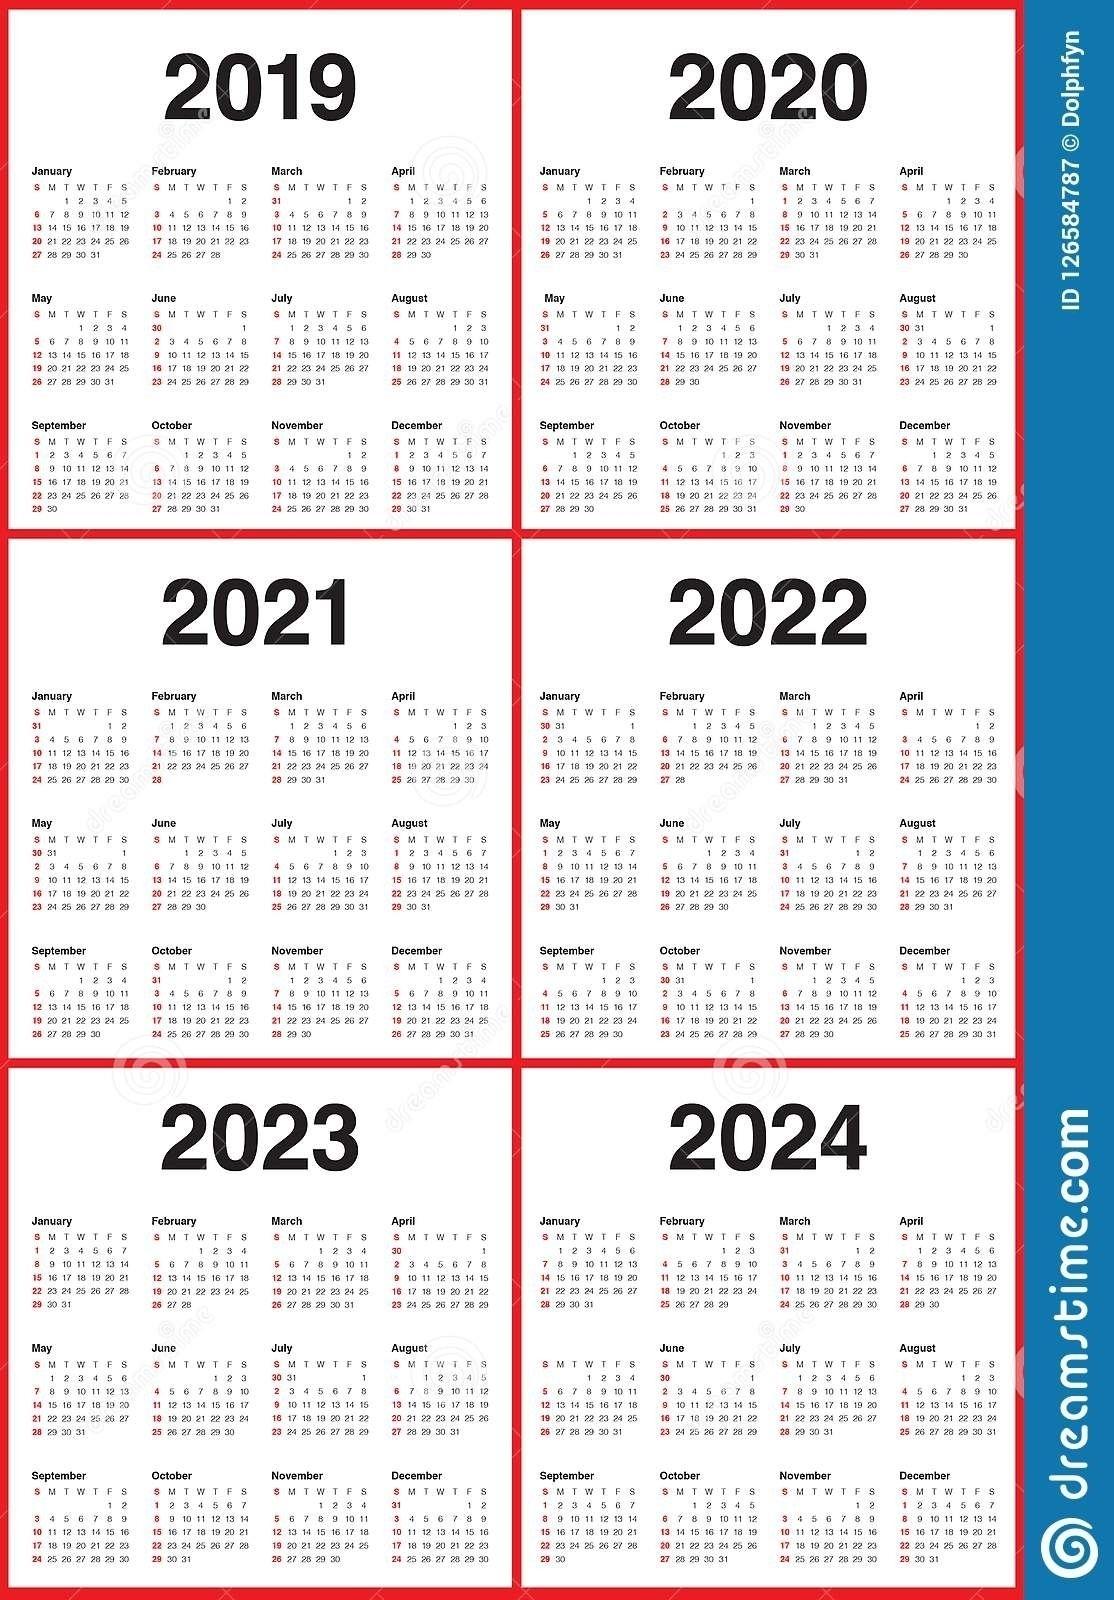 Pick Chick Fil A 2021 Calendars